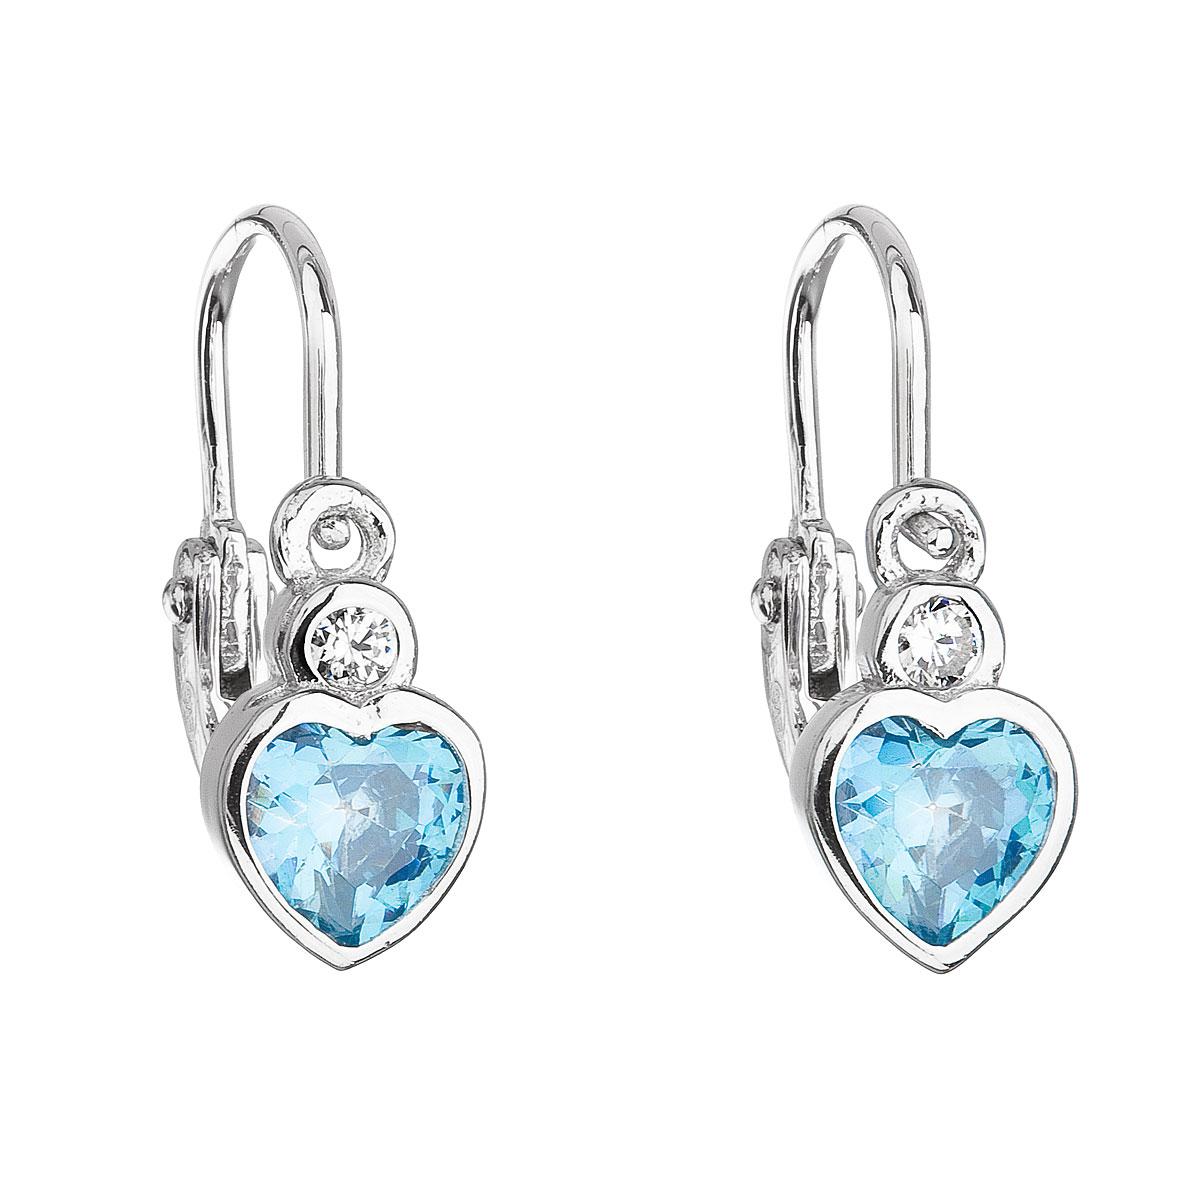 Evolution Group Stříbrné dětské náušnice visací se zirkonem modré srdce 11178.3